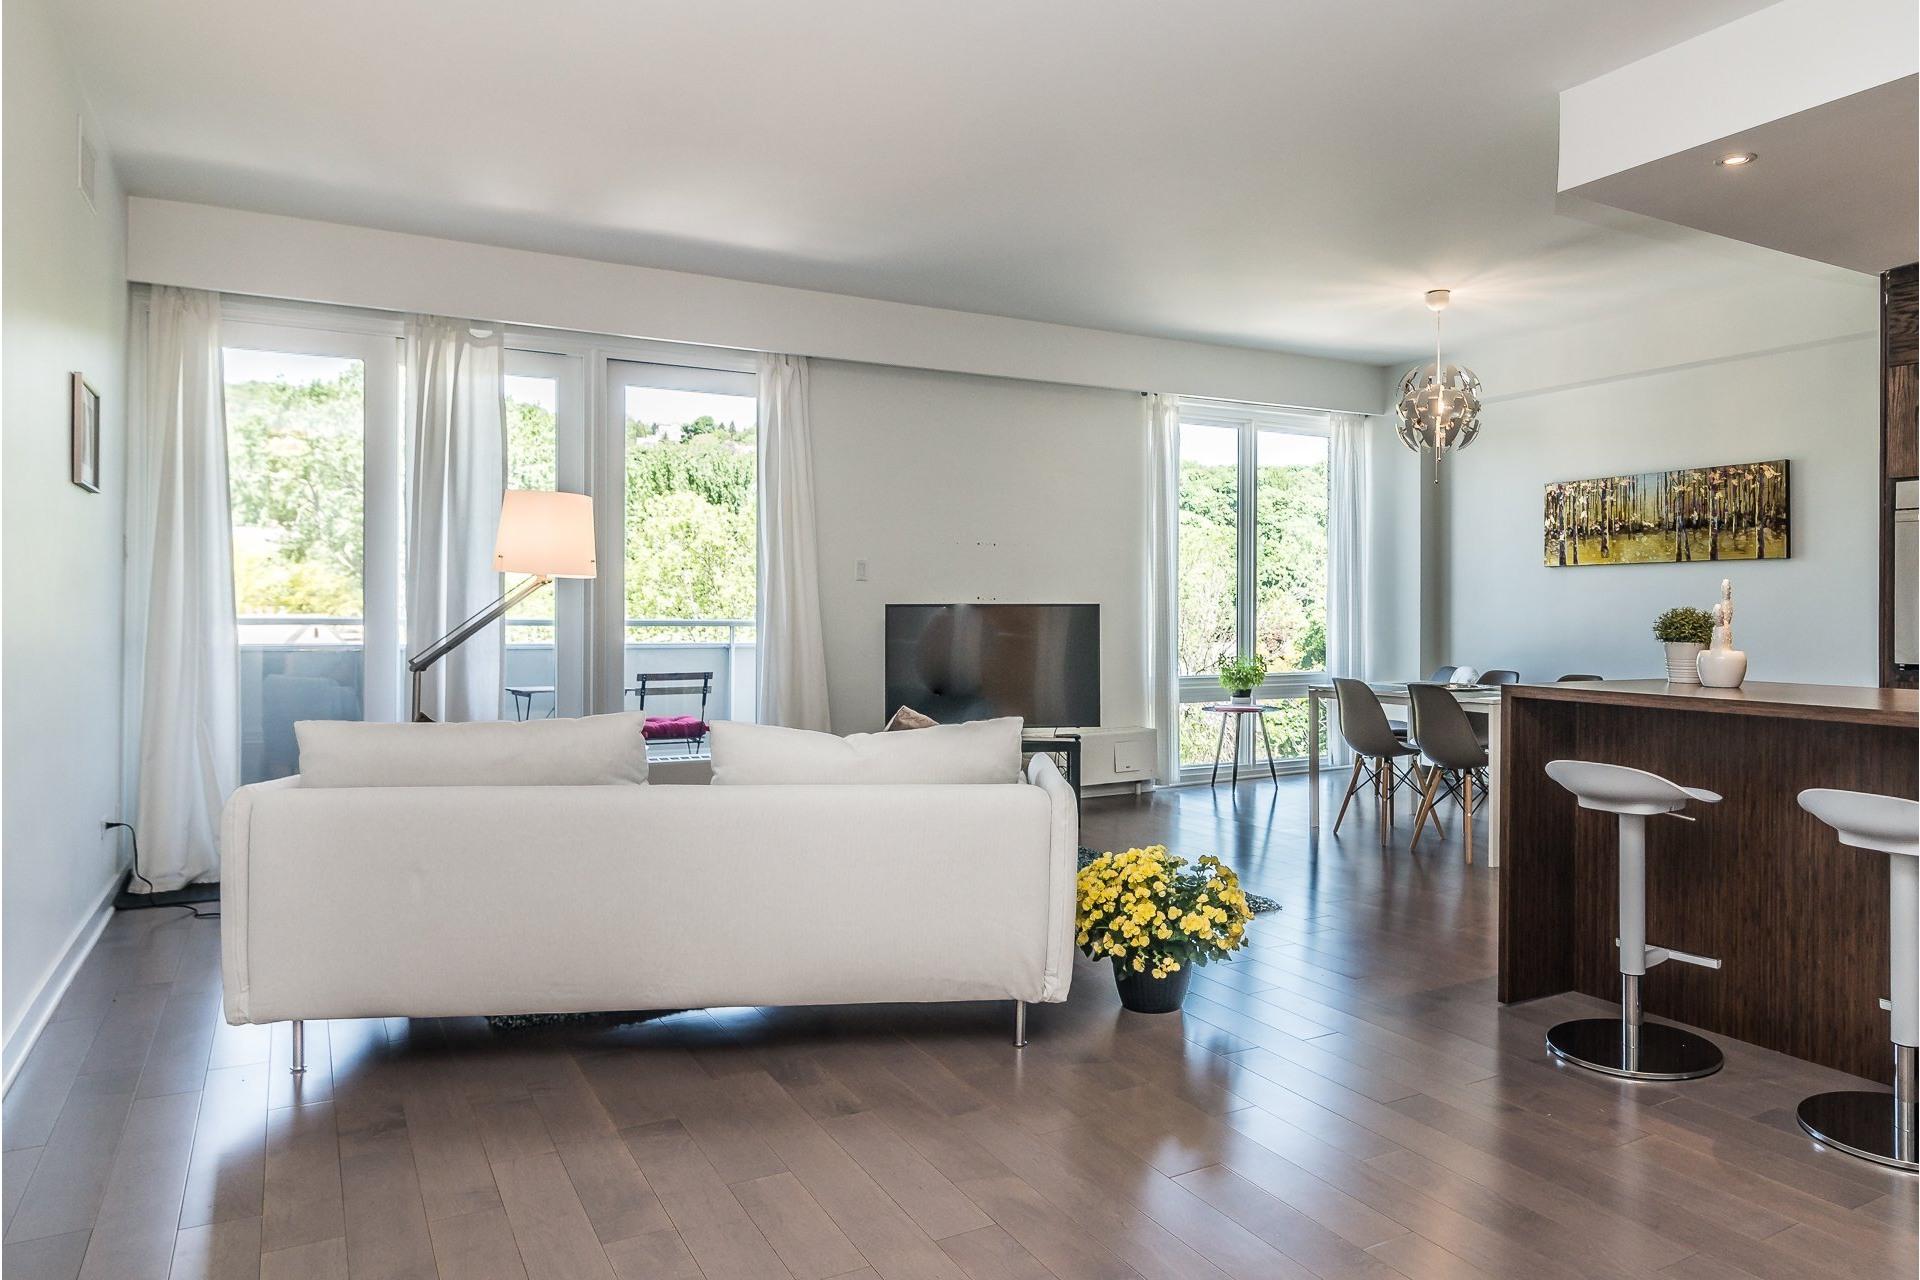 image 0 - Appartement À louer Westmount - 7 pièces